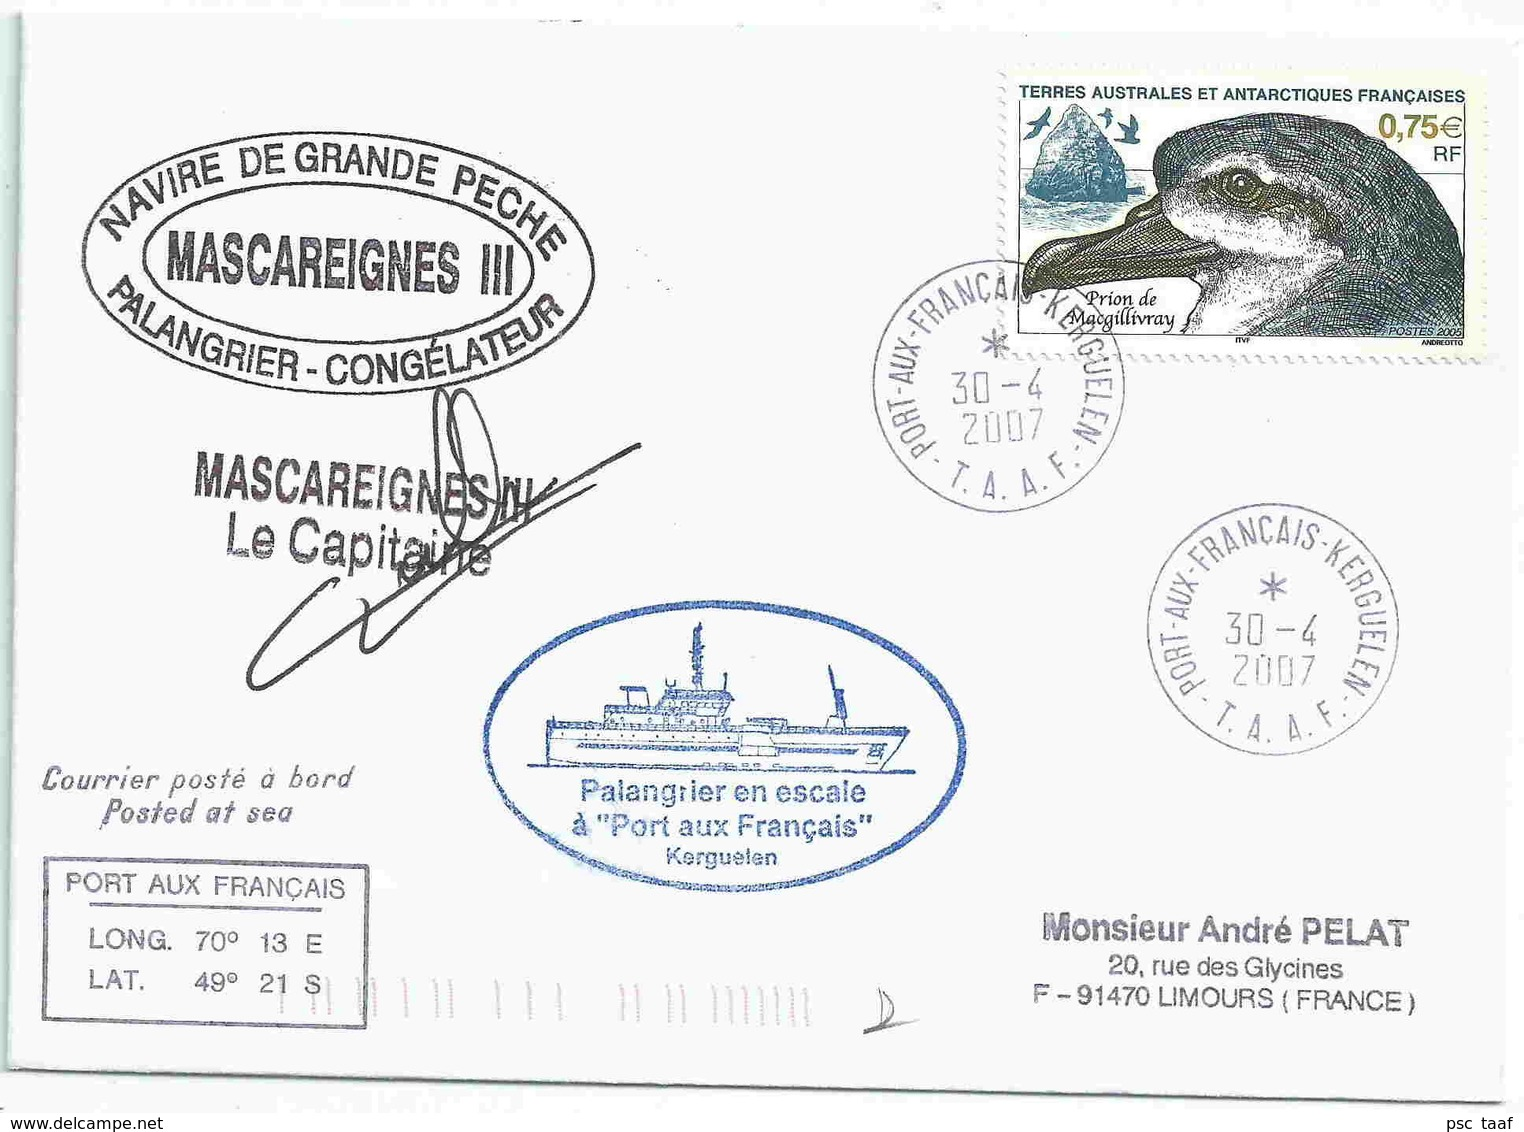 YT 408 - Prion De Macgillivray - Lettre Postée à Bord Du Mascareignes III - Port Aux Français - Kerguelen - Lettres & Documents